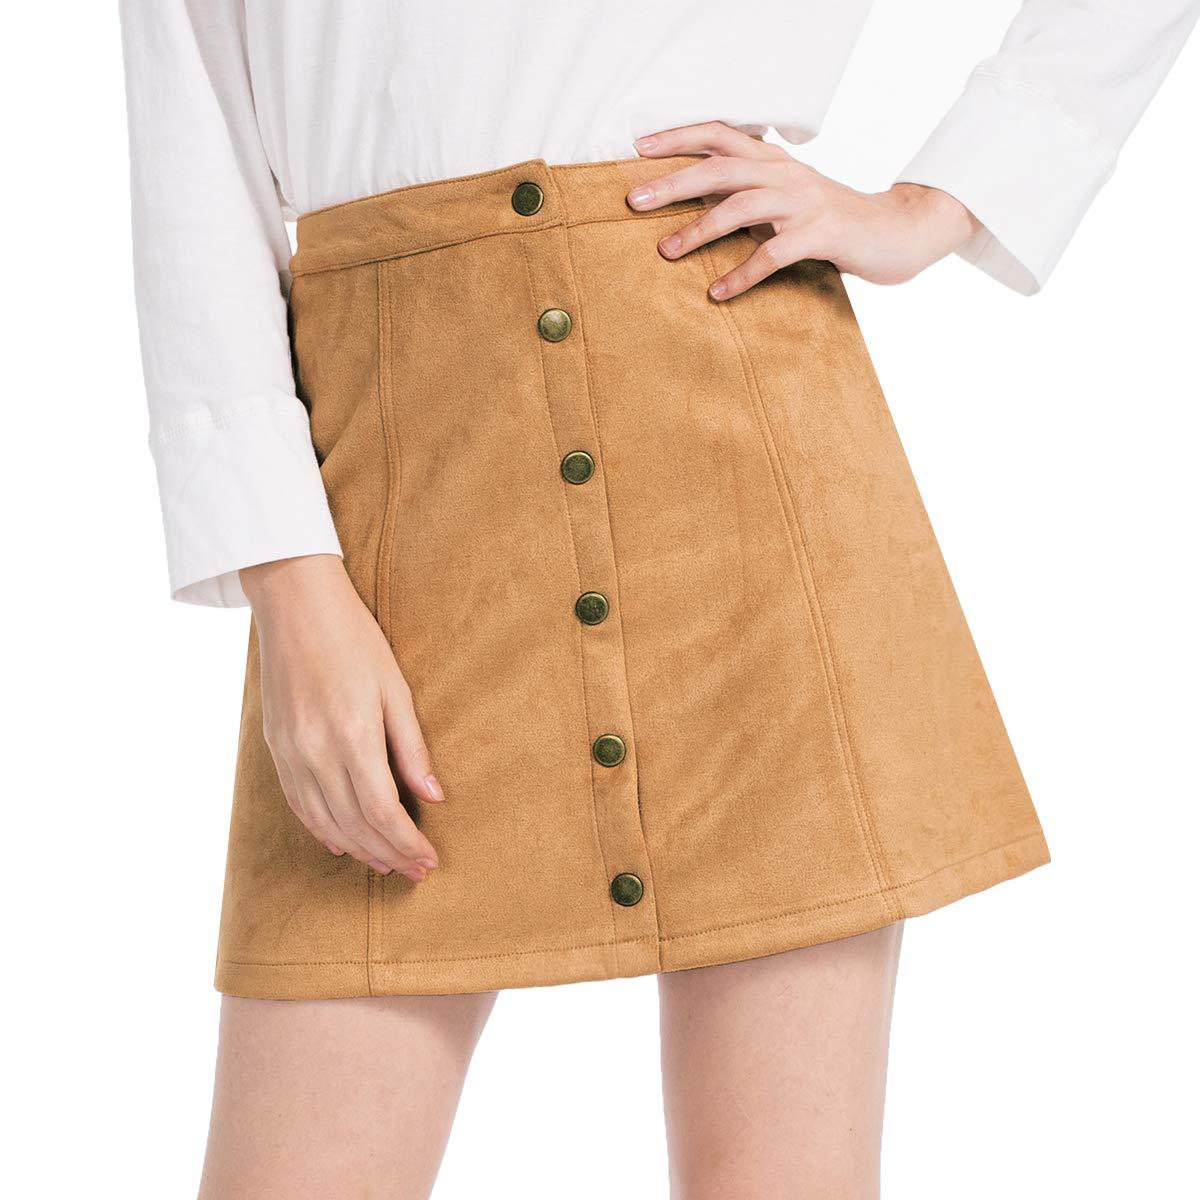 JTANIB Women's Faux Suede Button Closure Plain A-Line High Waist Mini Skirts Brown by JTANIB